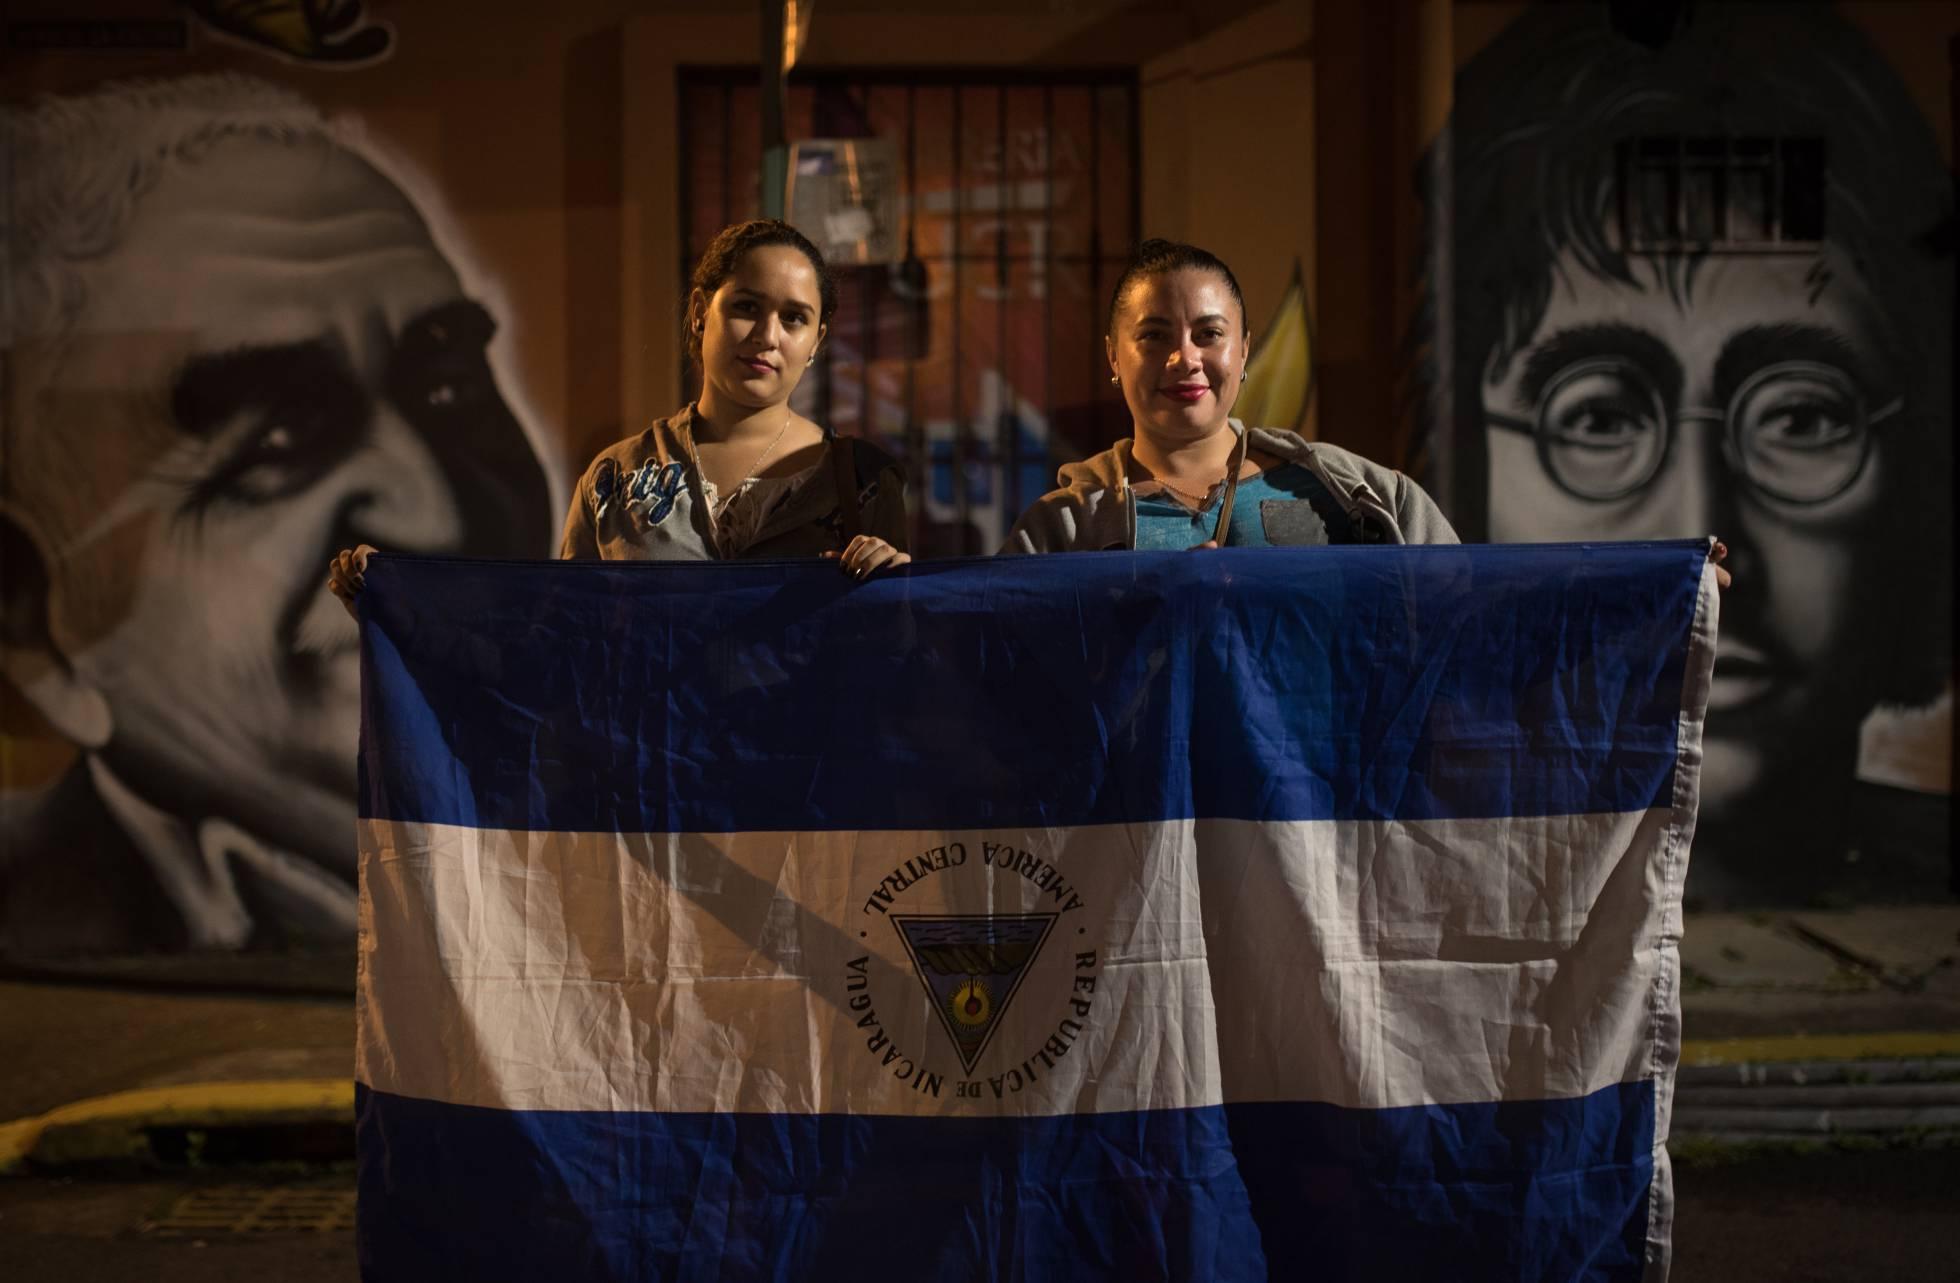 El otro éxodo centroamericano: 40.000 nicaragüenses se refugian en Costa Rica